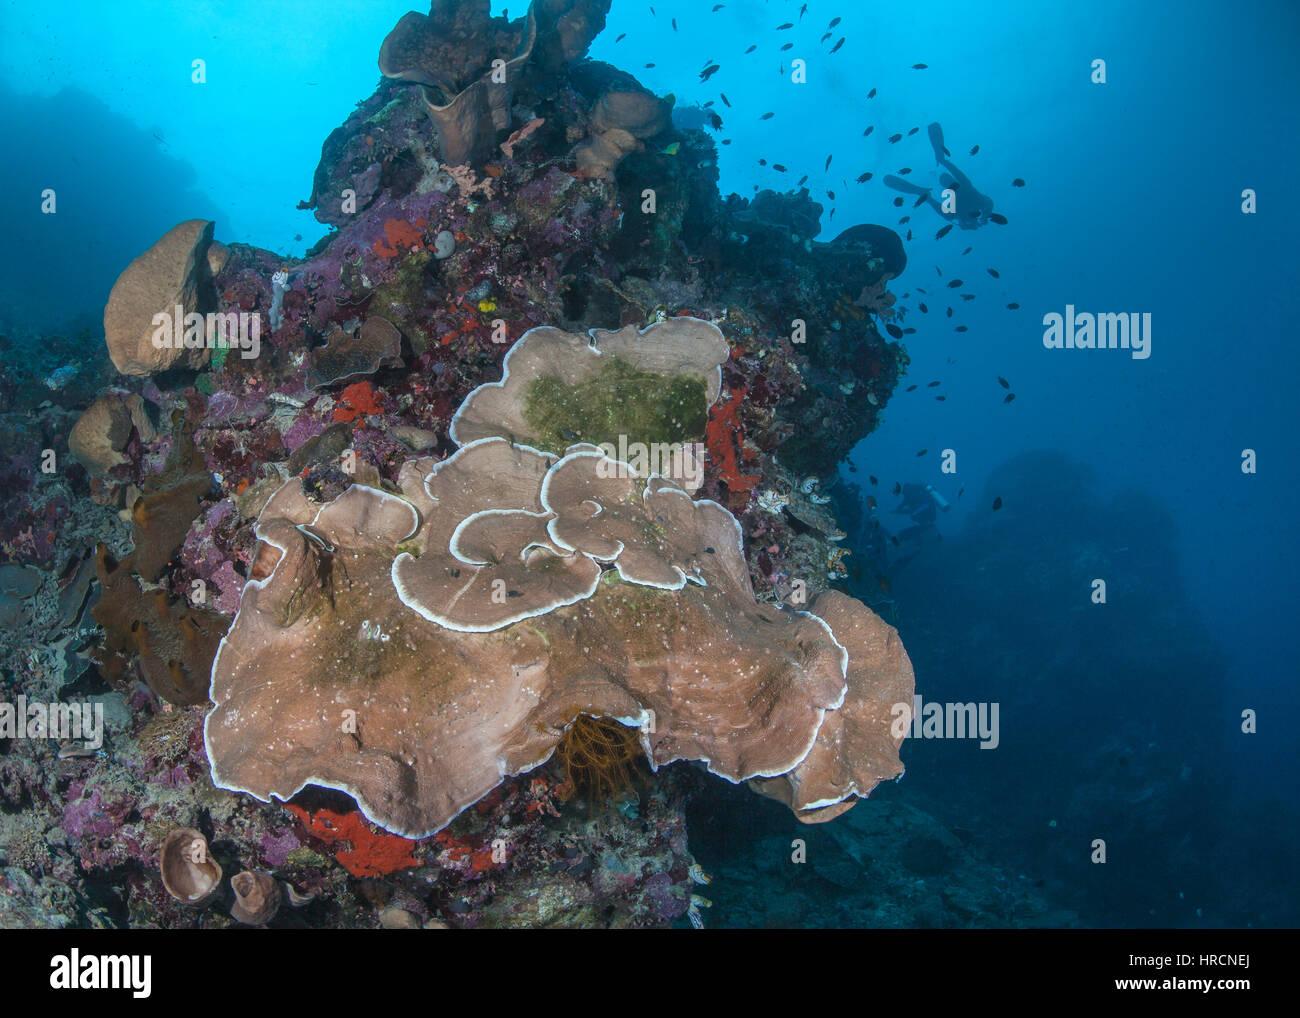 Close-Centrar vista gran angular de la placa coral Pachyseris speciosa sobre un arrecife de coral, muestra signos de deterioro de la salud. La isla de Bunaken, Indonesia. Foto de stock